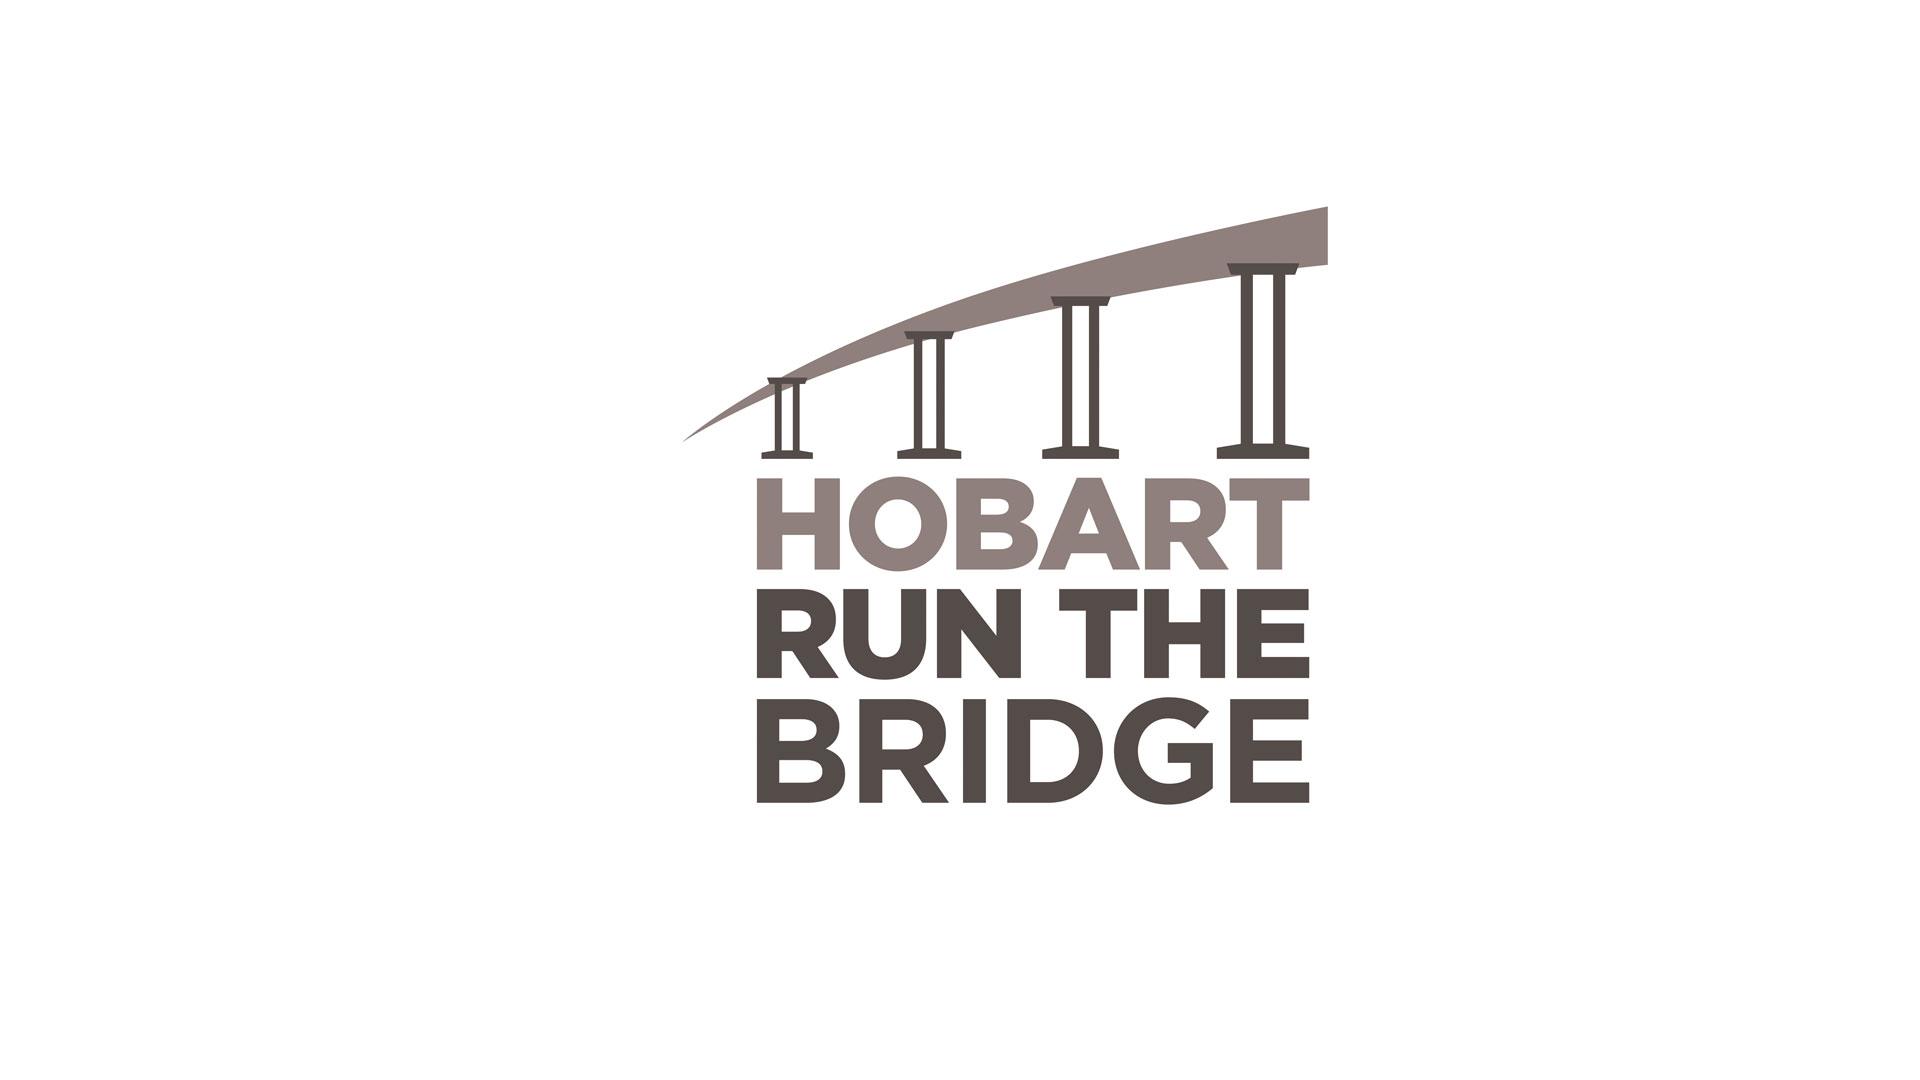 hobart run the bridge logo